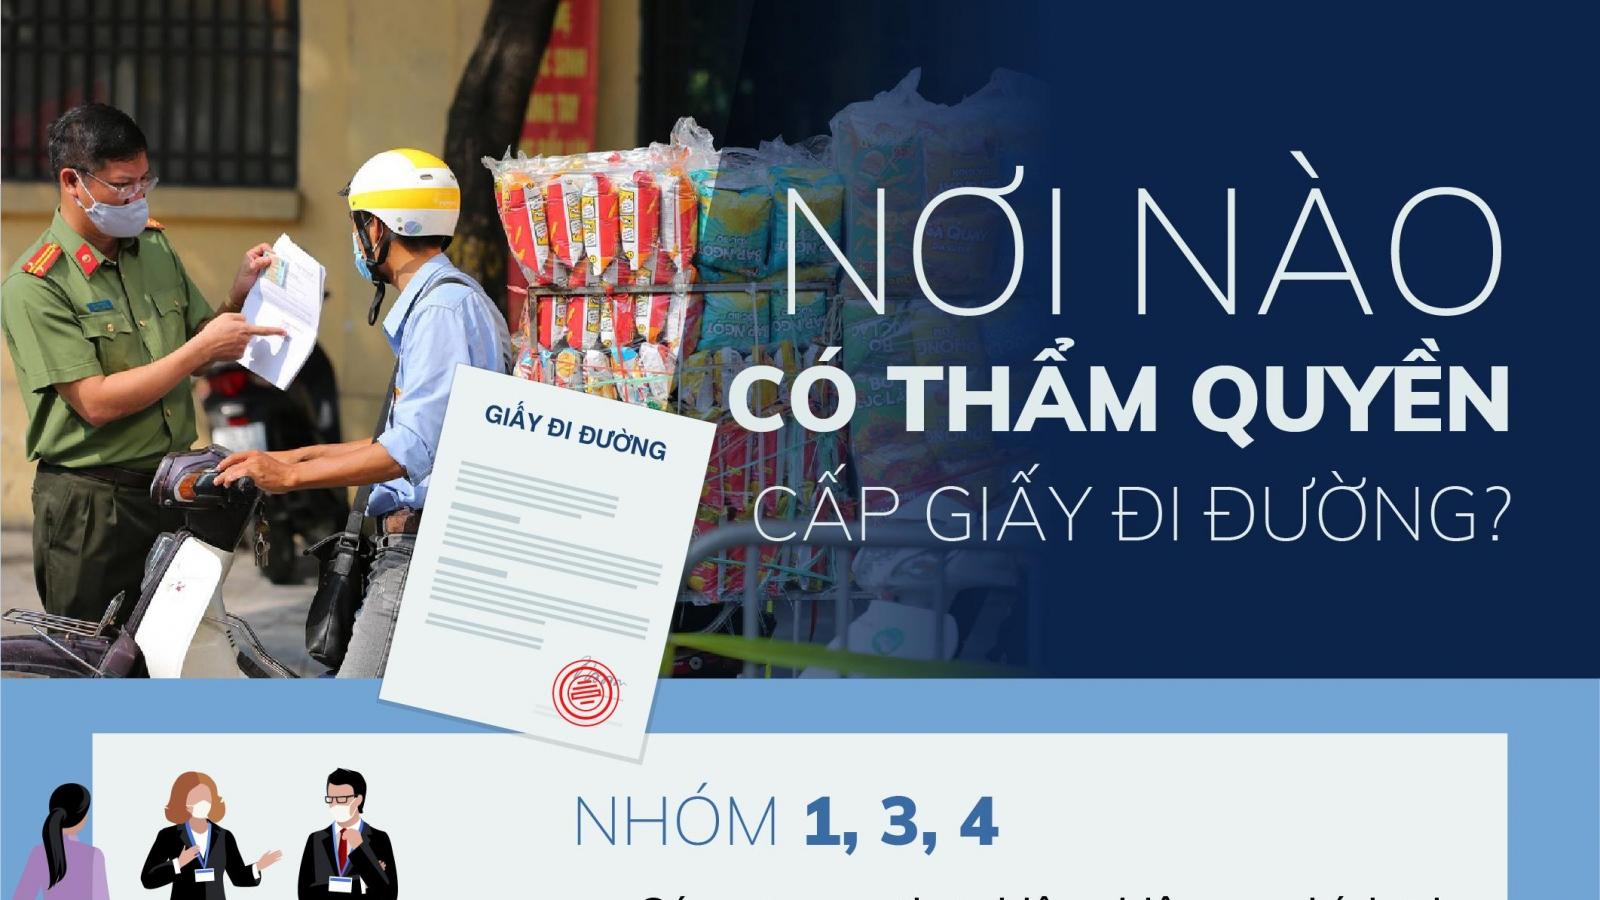 Chi tiết các bước cấp giấy đi đường cho 6 nhóm đối tượng ở Hà Nội